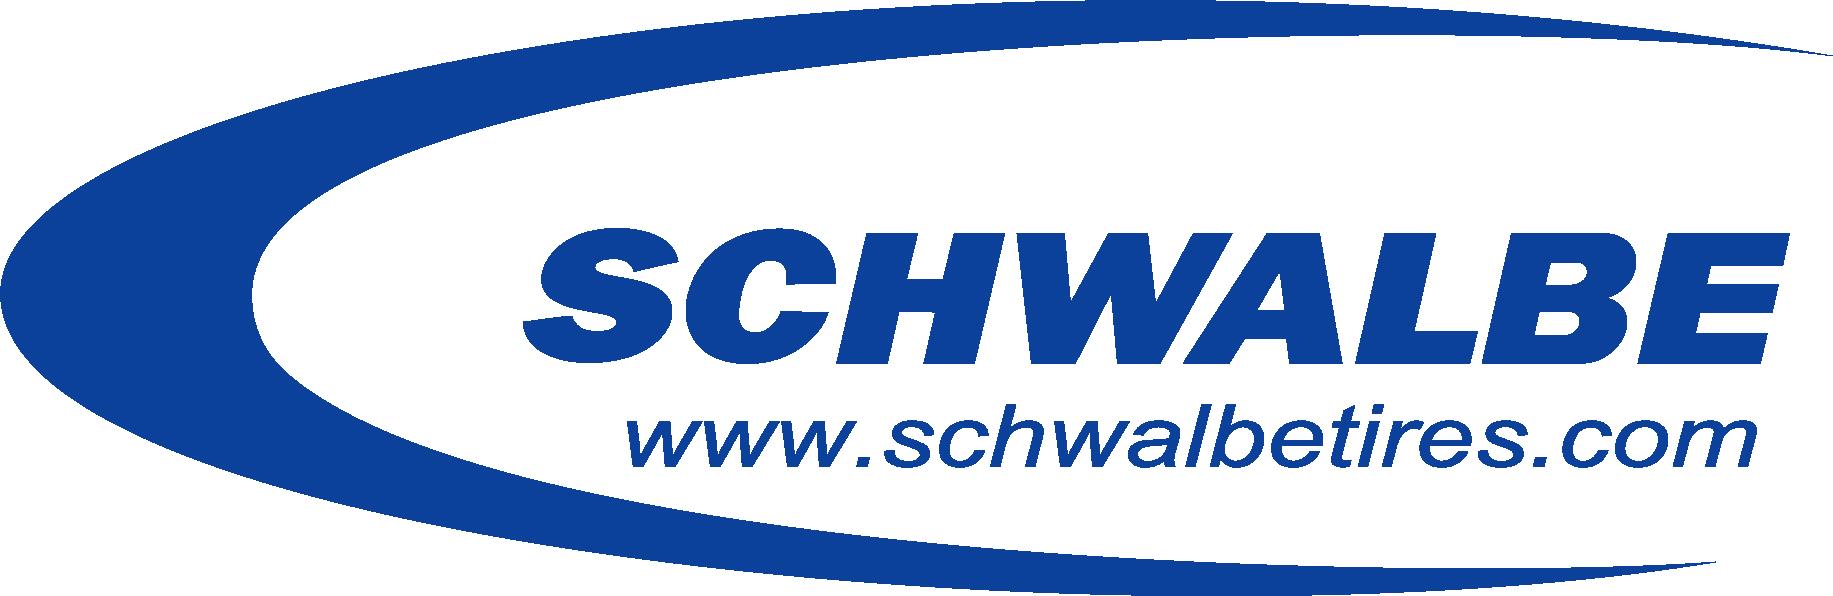 schwalbe-logo-jpeg.jpg